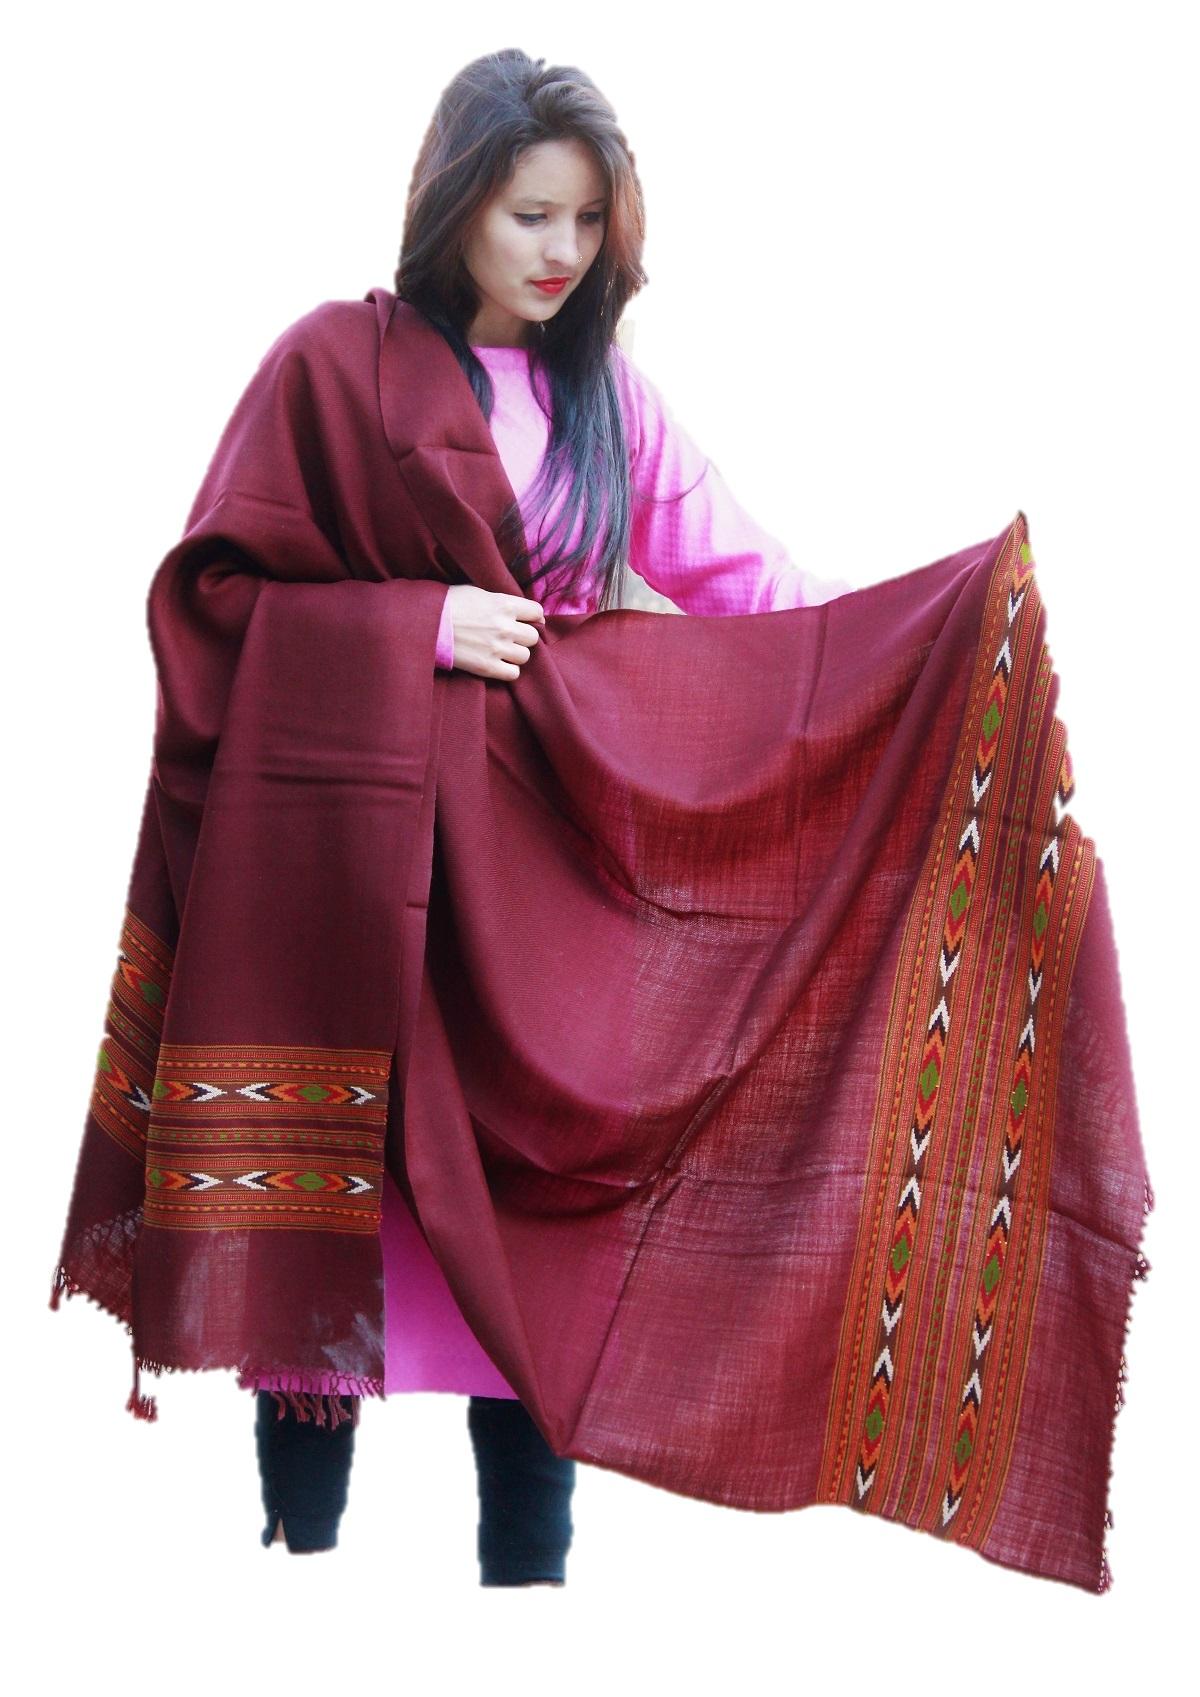 71c4d554c62 HimalayanKraft- Himachal s Biggest Online Handloom Store - Get At Door